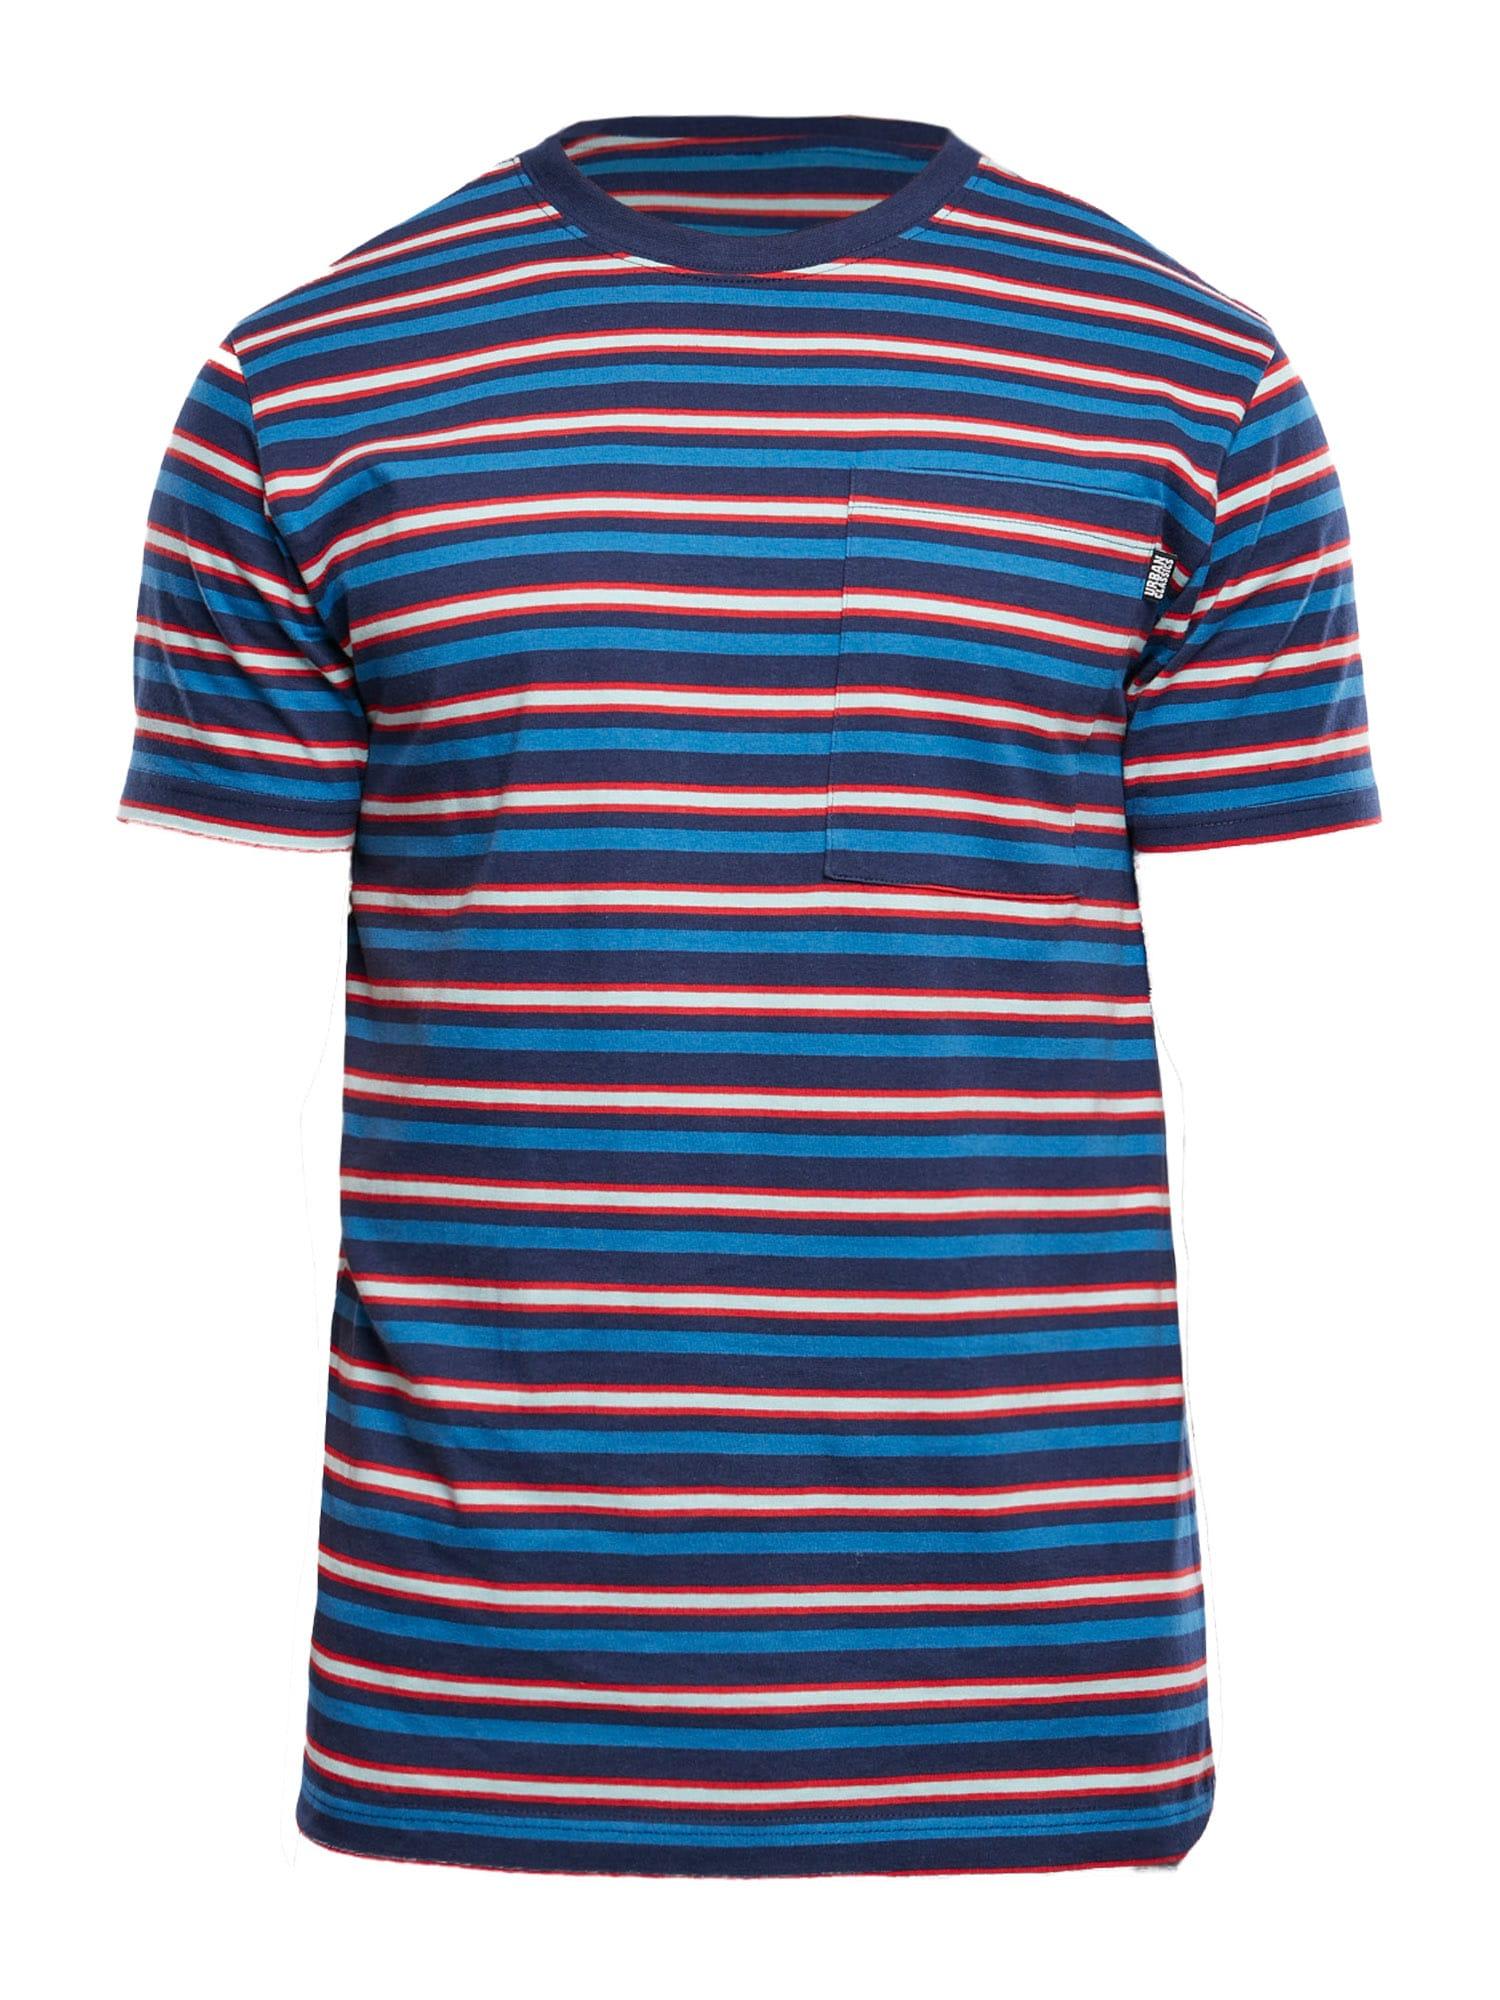 Urban Classics Big & Tall Marškinėliai tamsiai mėlyna / raudona / dangaus žydra / balta